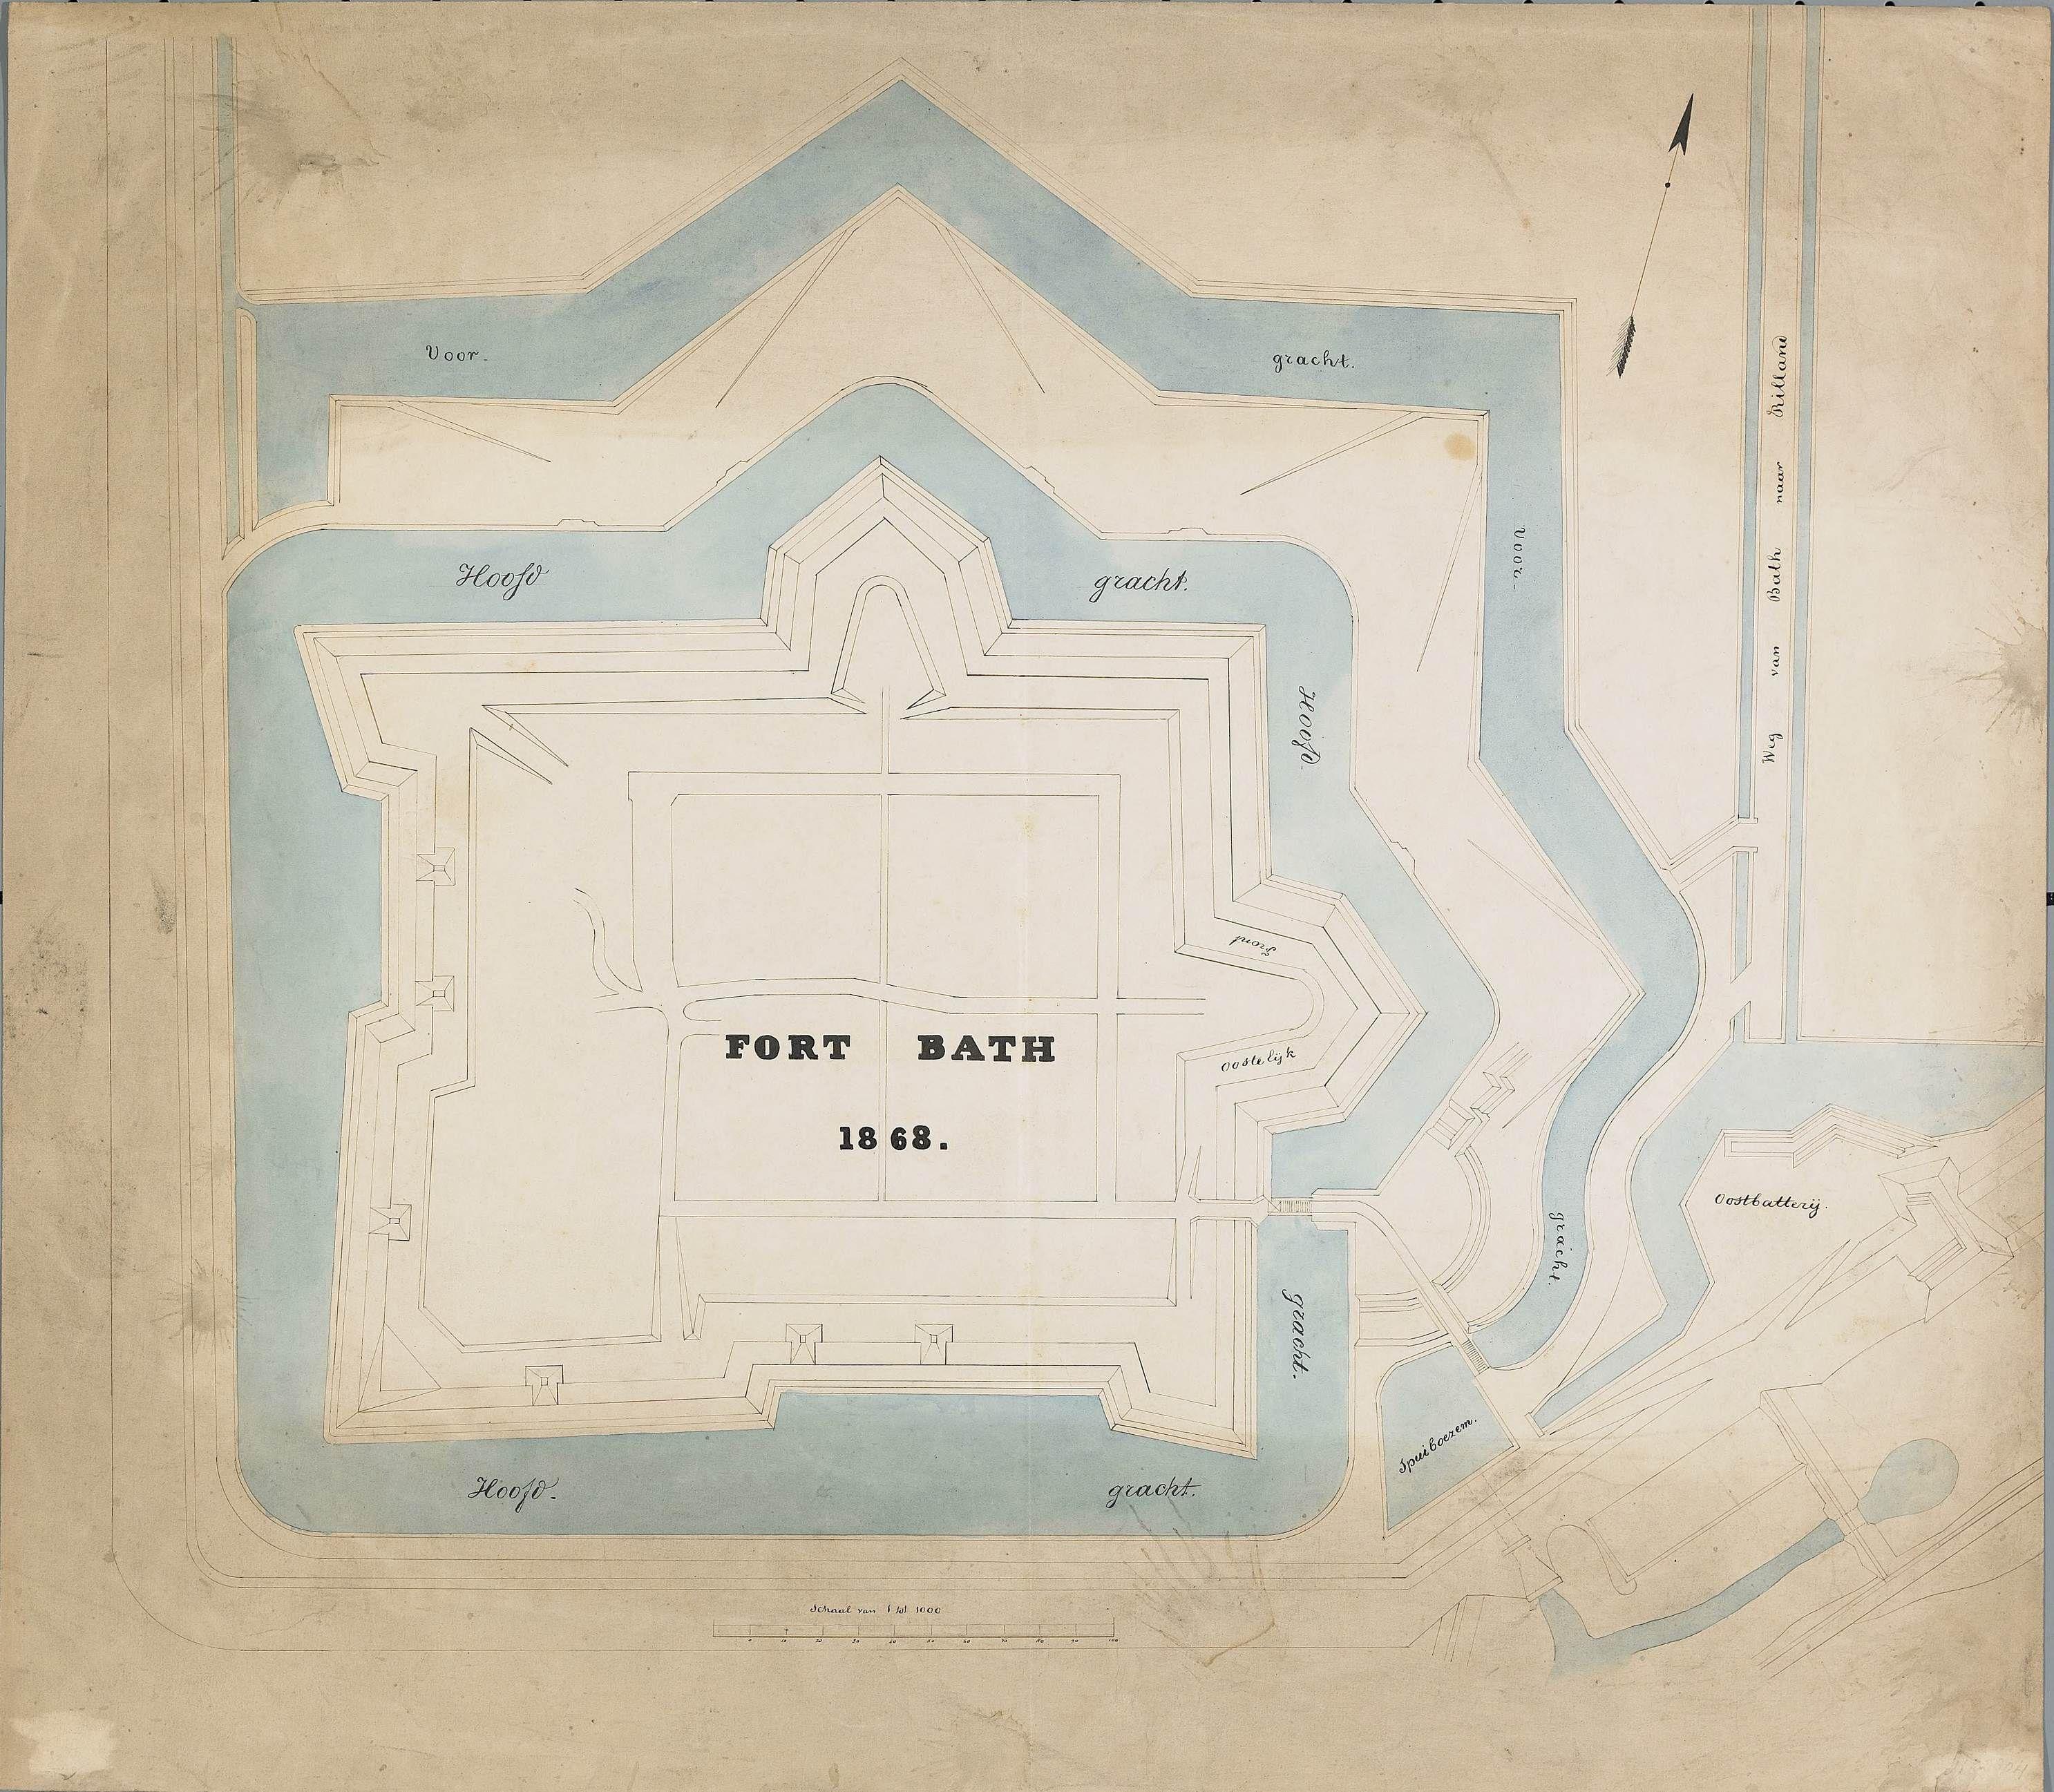 Plattegrond van Fort Bath in 1868. (Zeeuws Archief, KZGW, Zelandia Illustrata II-1638)